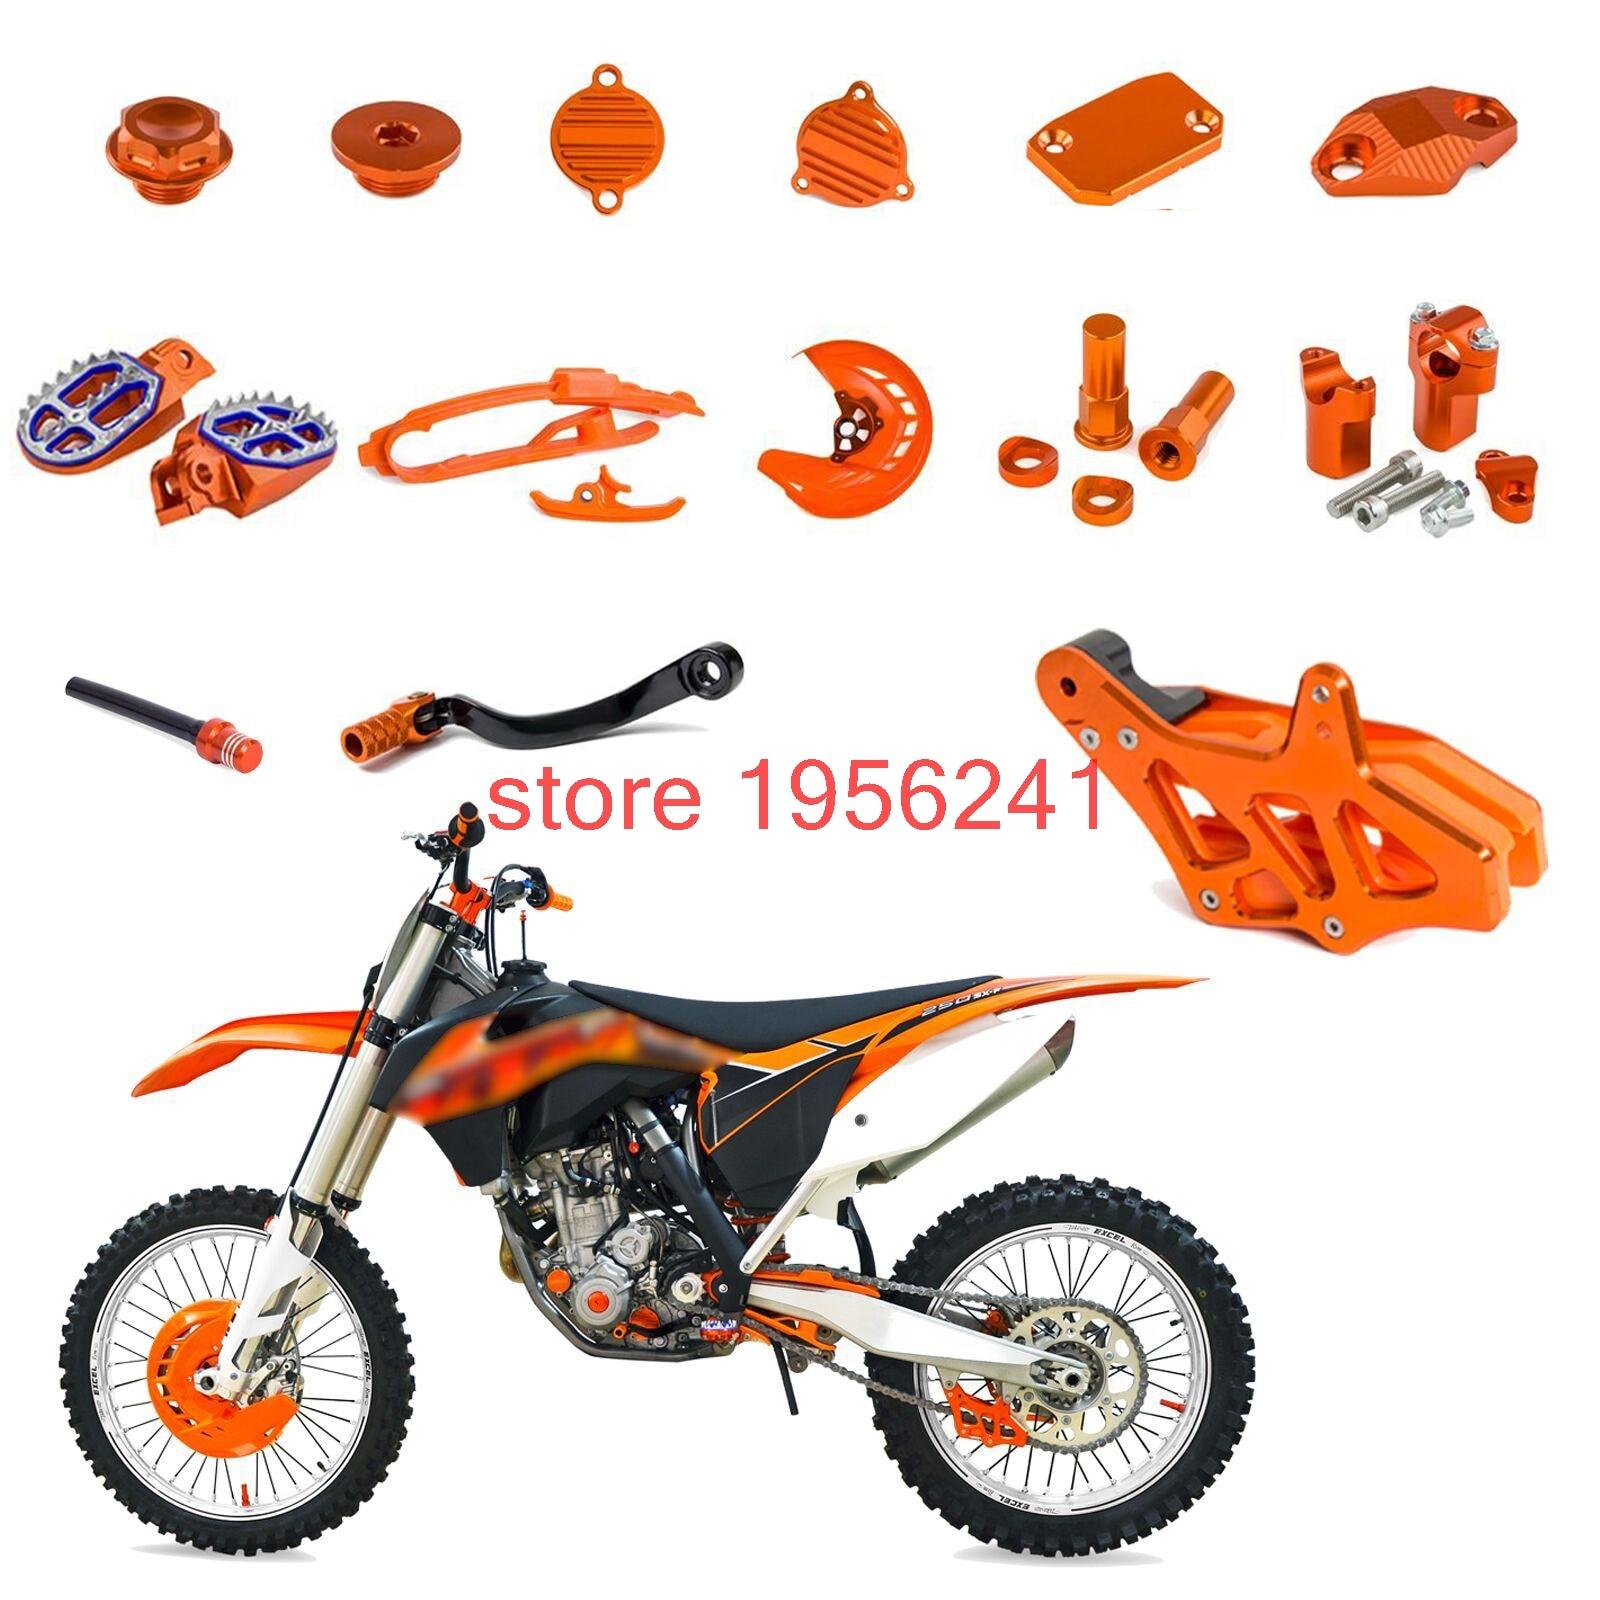 NICECNC Převodový stupeň a brzdový hadicový upínač a nádržka - Příslušenství a náhradní díly pro motocykly